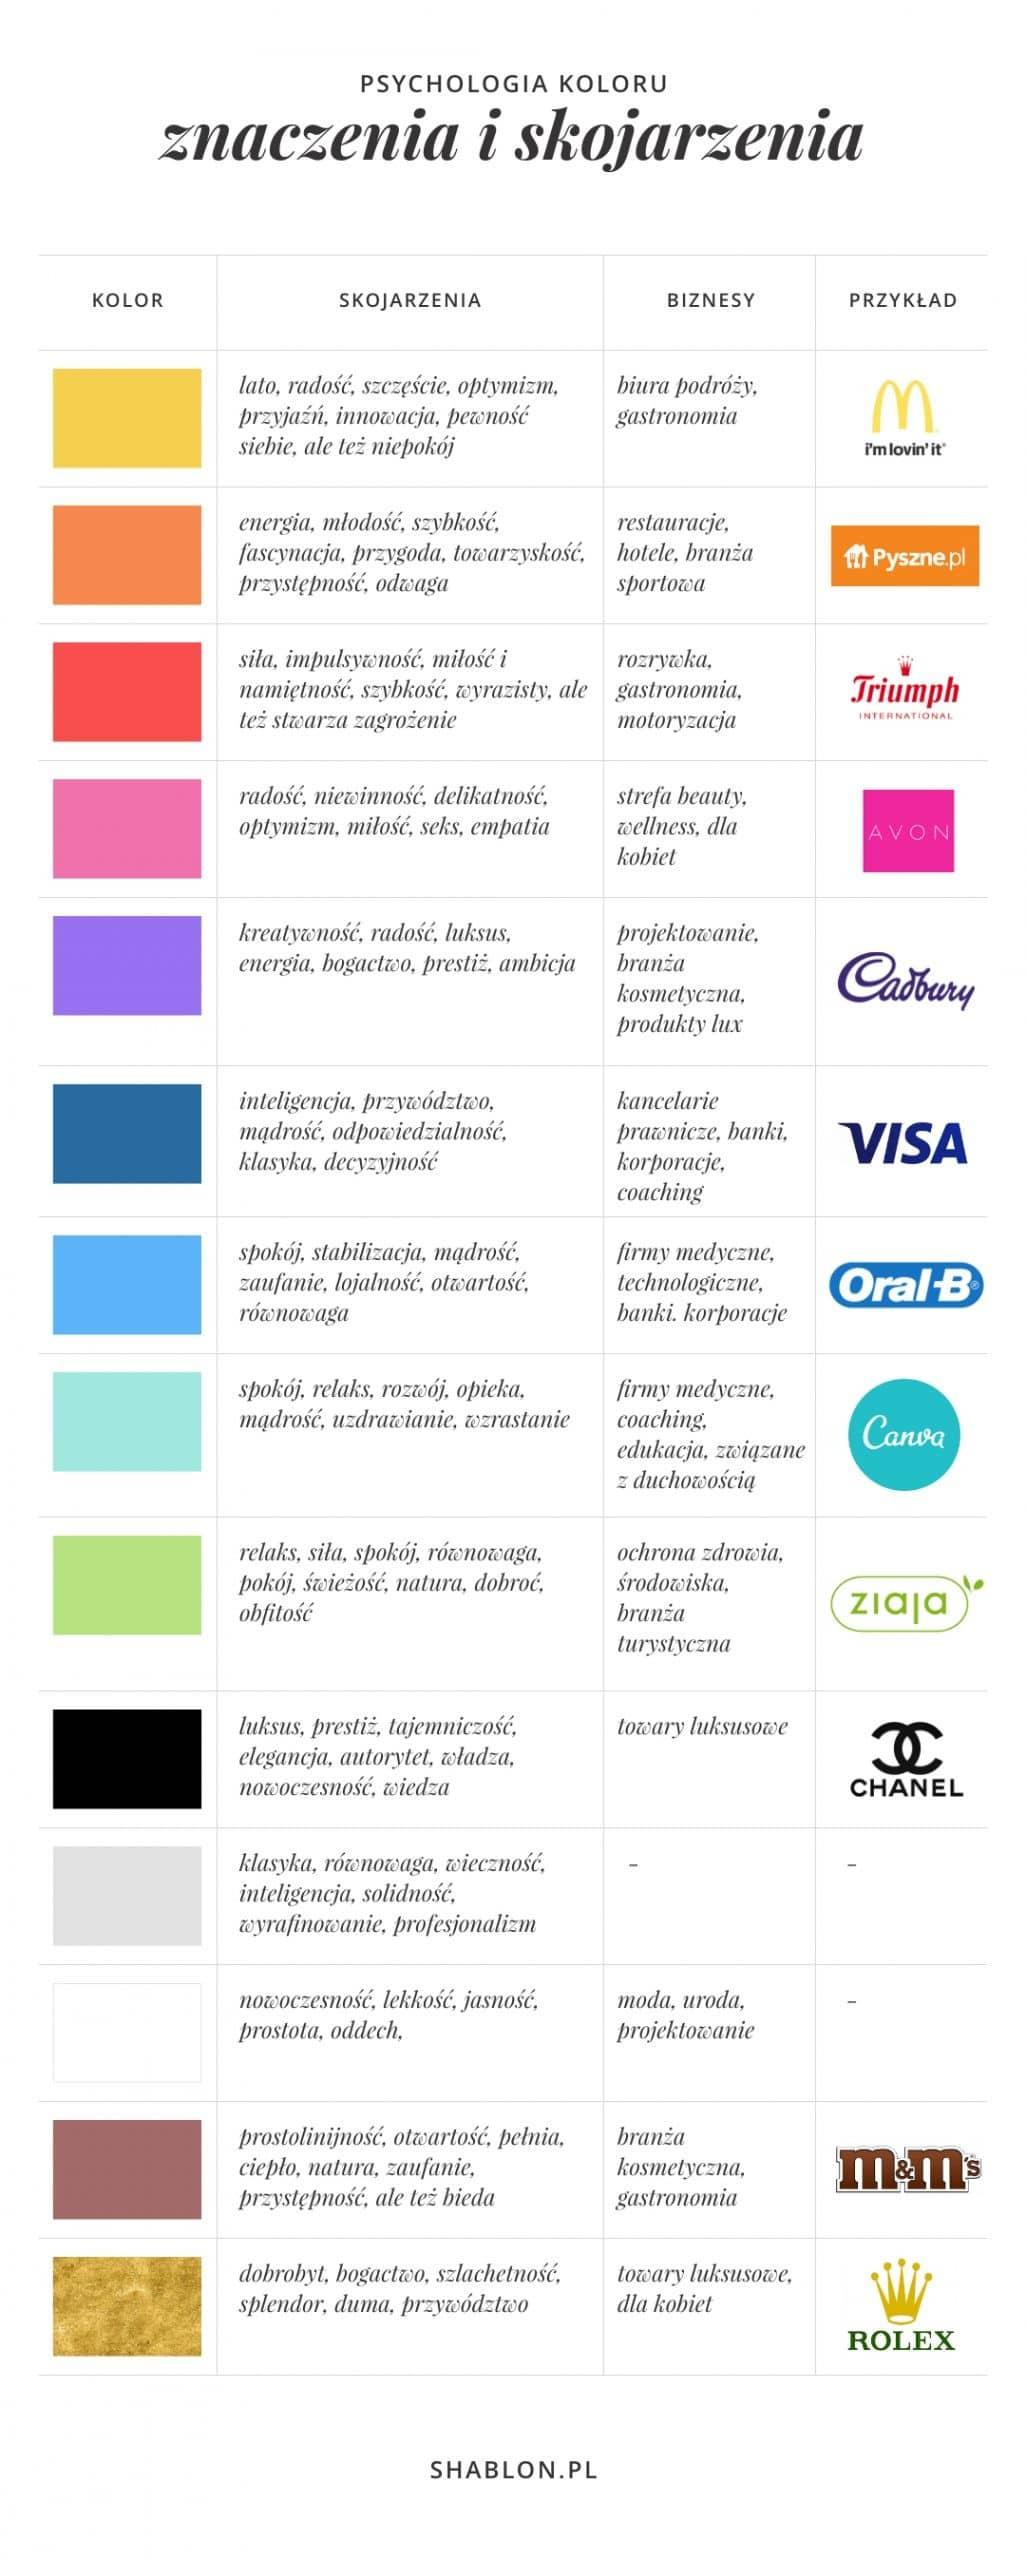 Psychologia koloru i dobieranie kolorów firmowych